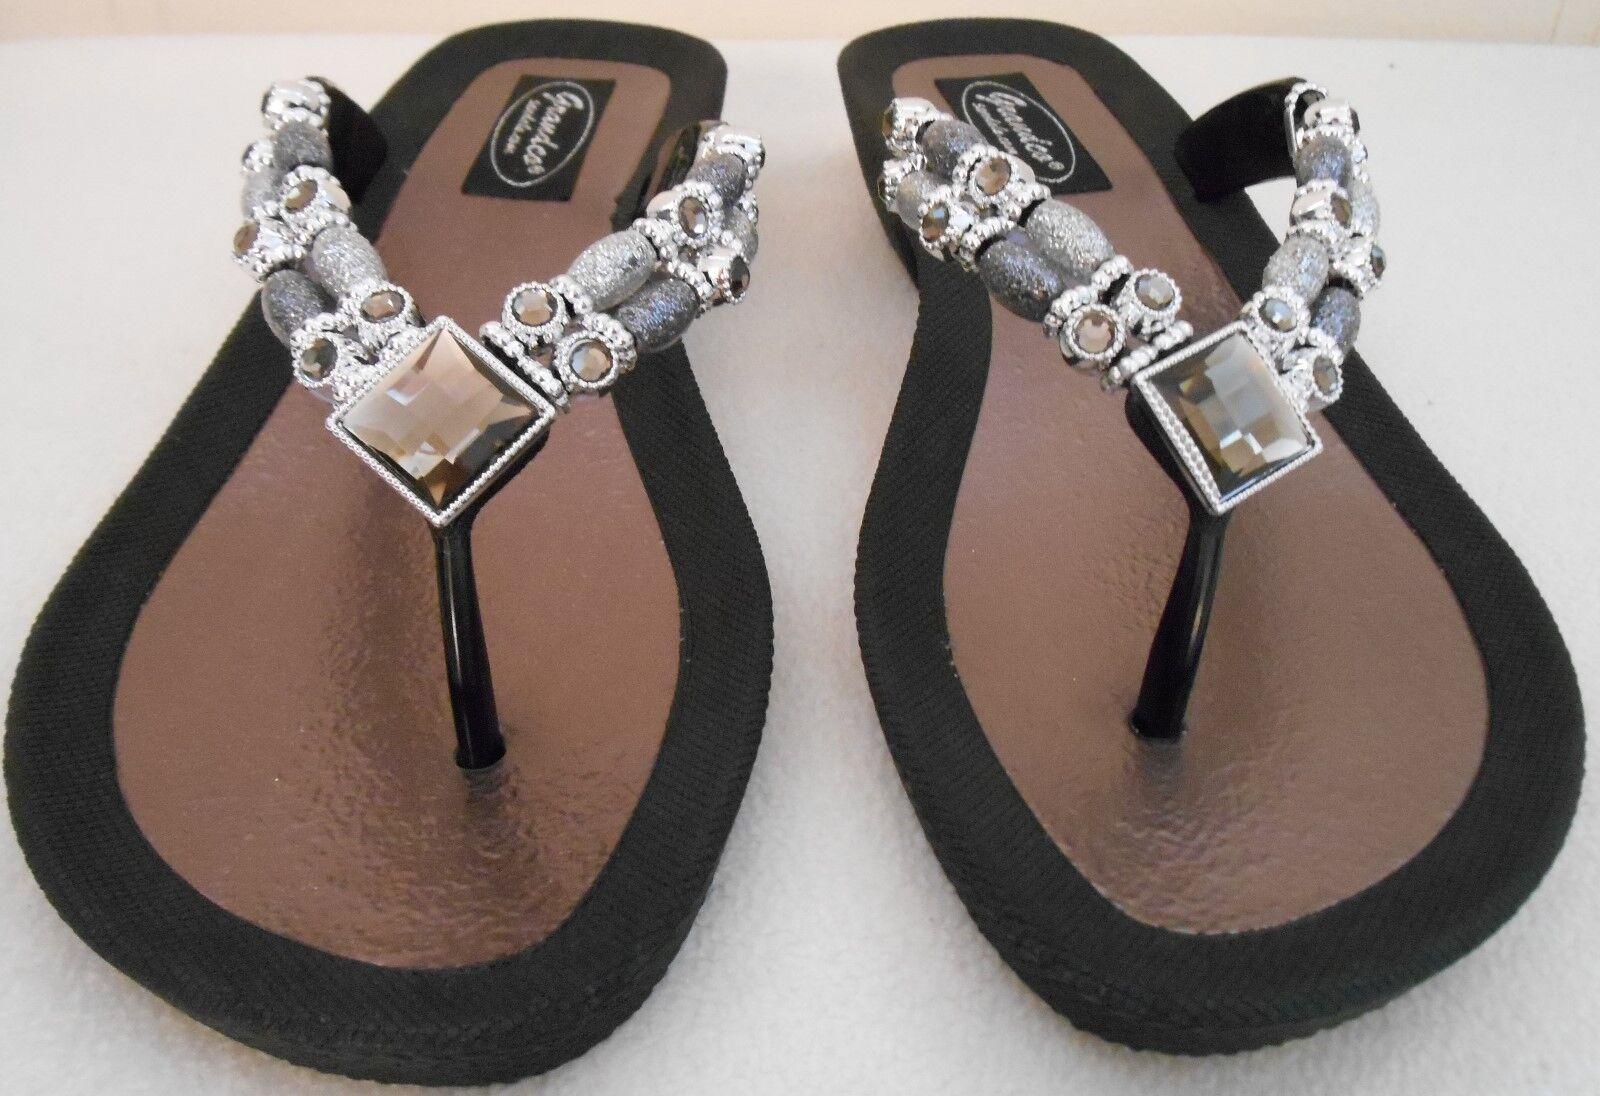 Marco Tozzi Damenschuhe Sandaletten schwarz Textil Neu & Origina Art. 2-28322-28